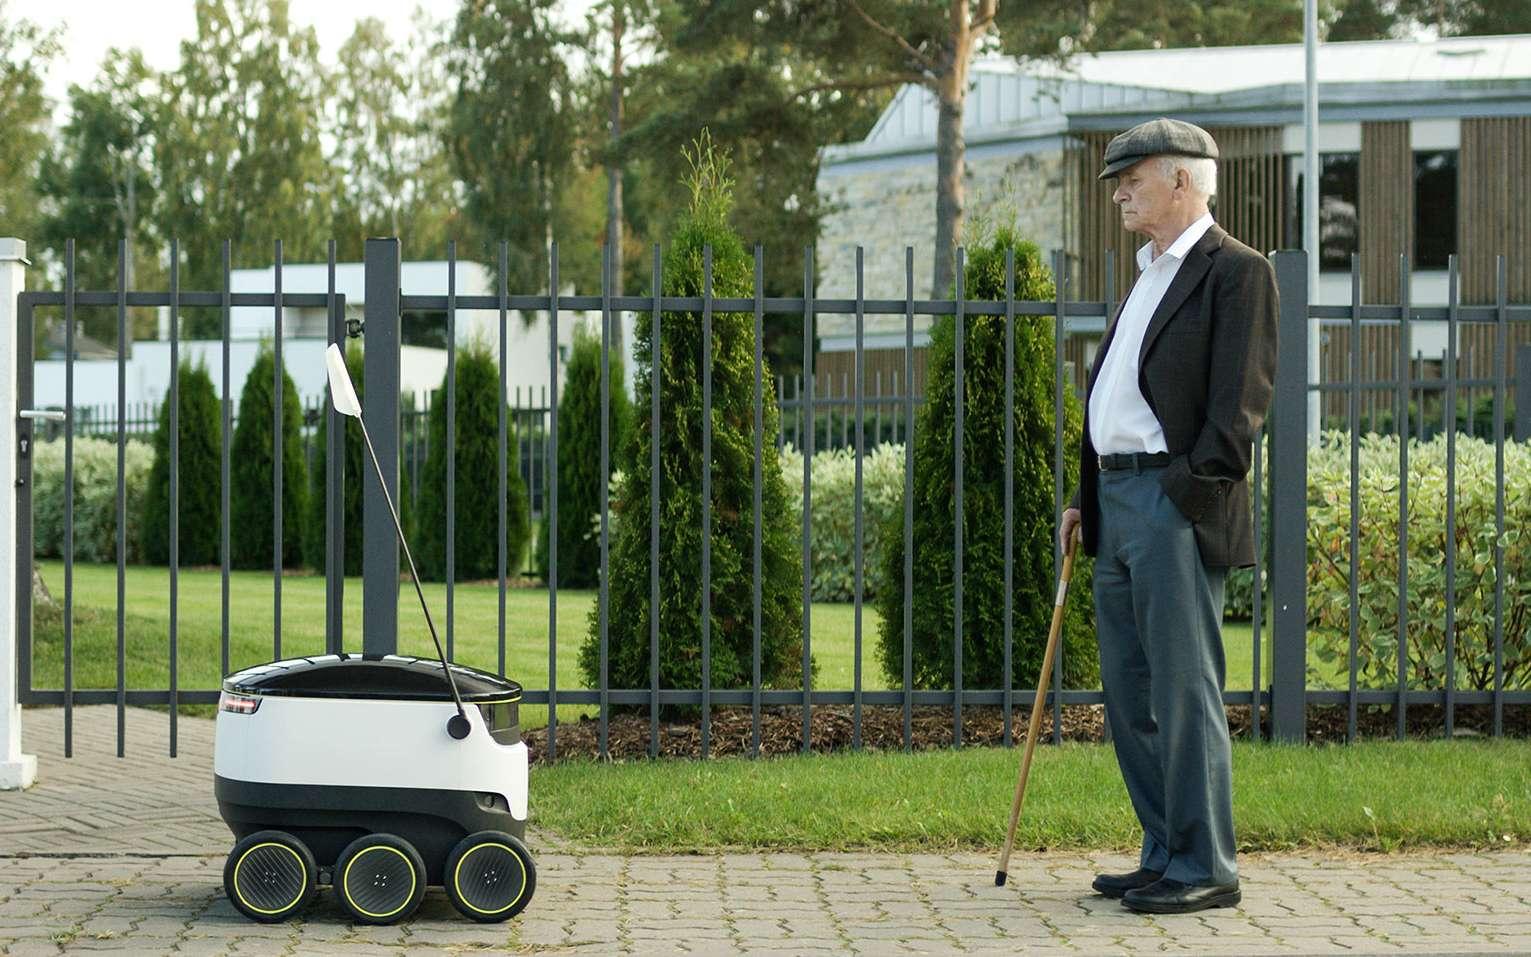 Le robot livreur Starship sera testé à partir de l'année prochaine au Royaume-Uni et aux États-Unis. Muni d'un système de navigation autonome, il se déplace à la vitesse d'un piéton et sait éviter les obstacles. © Starship Technologies